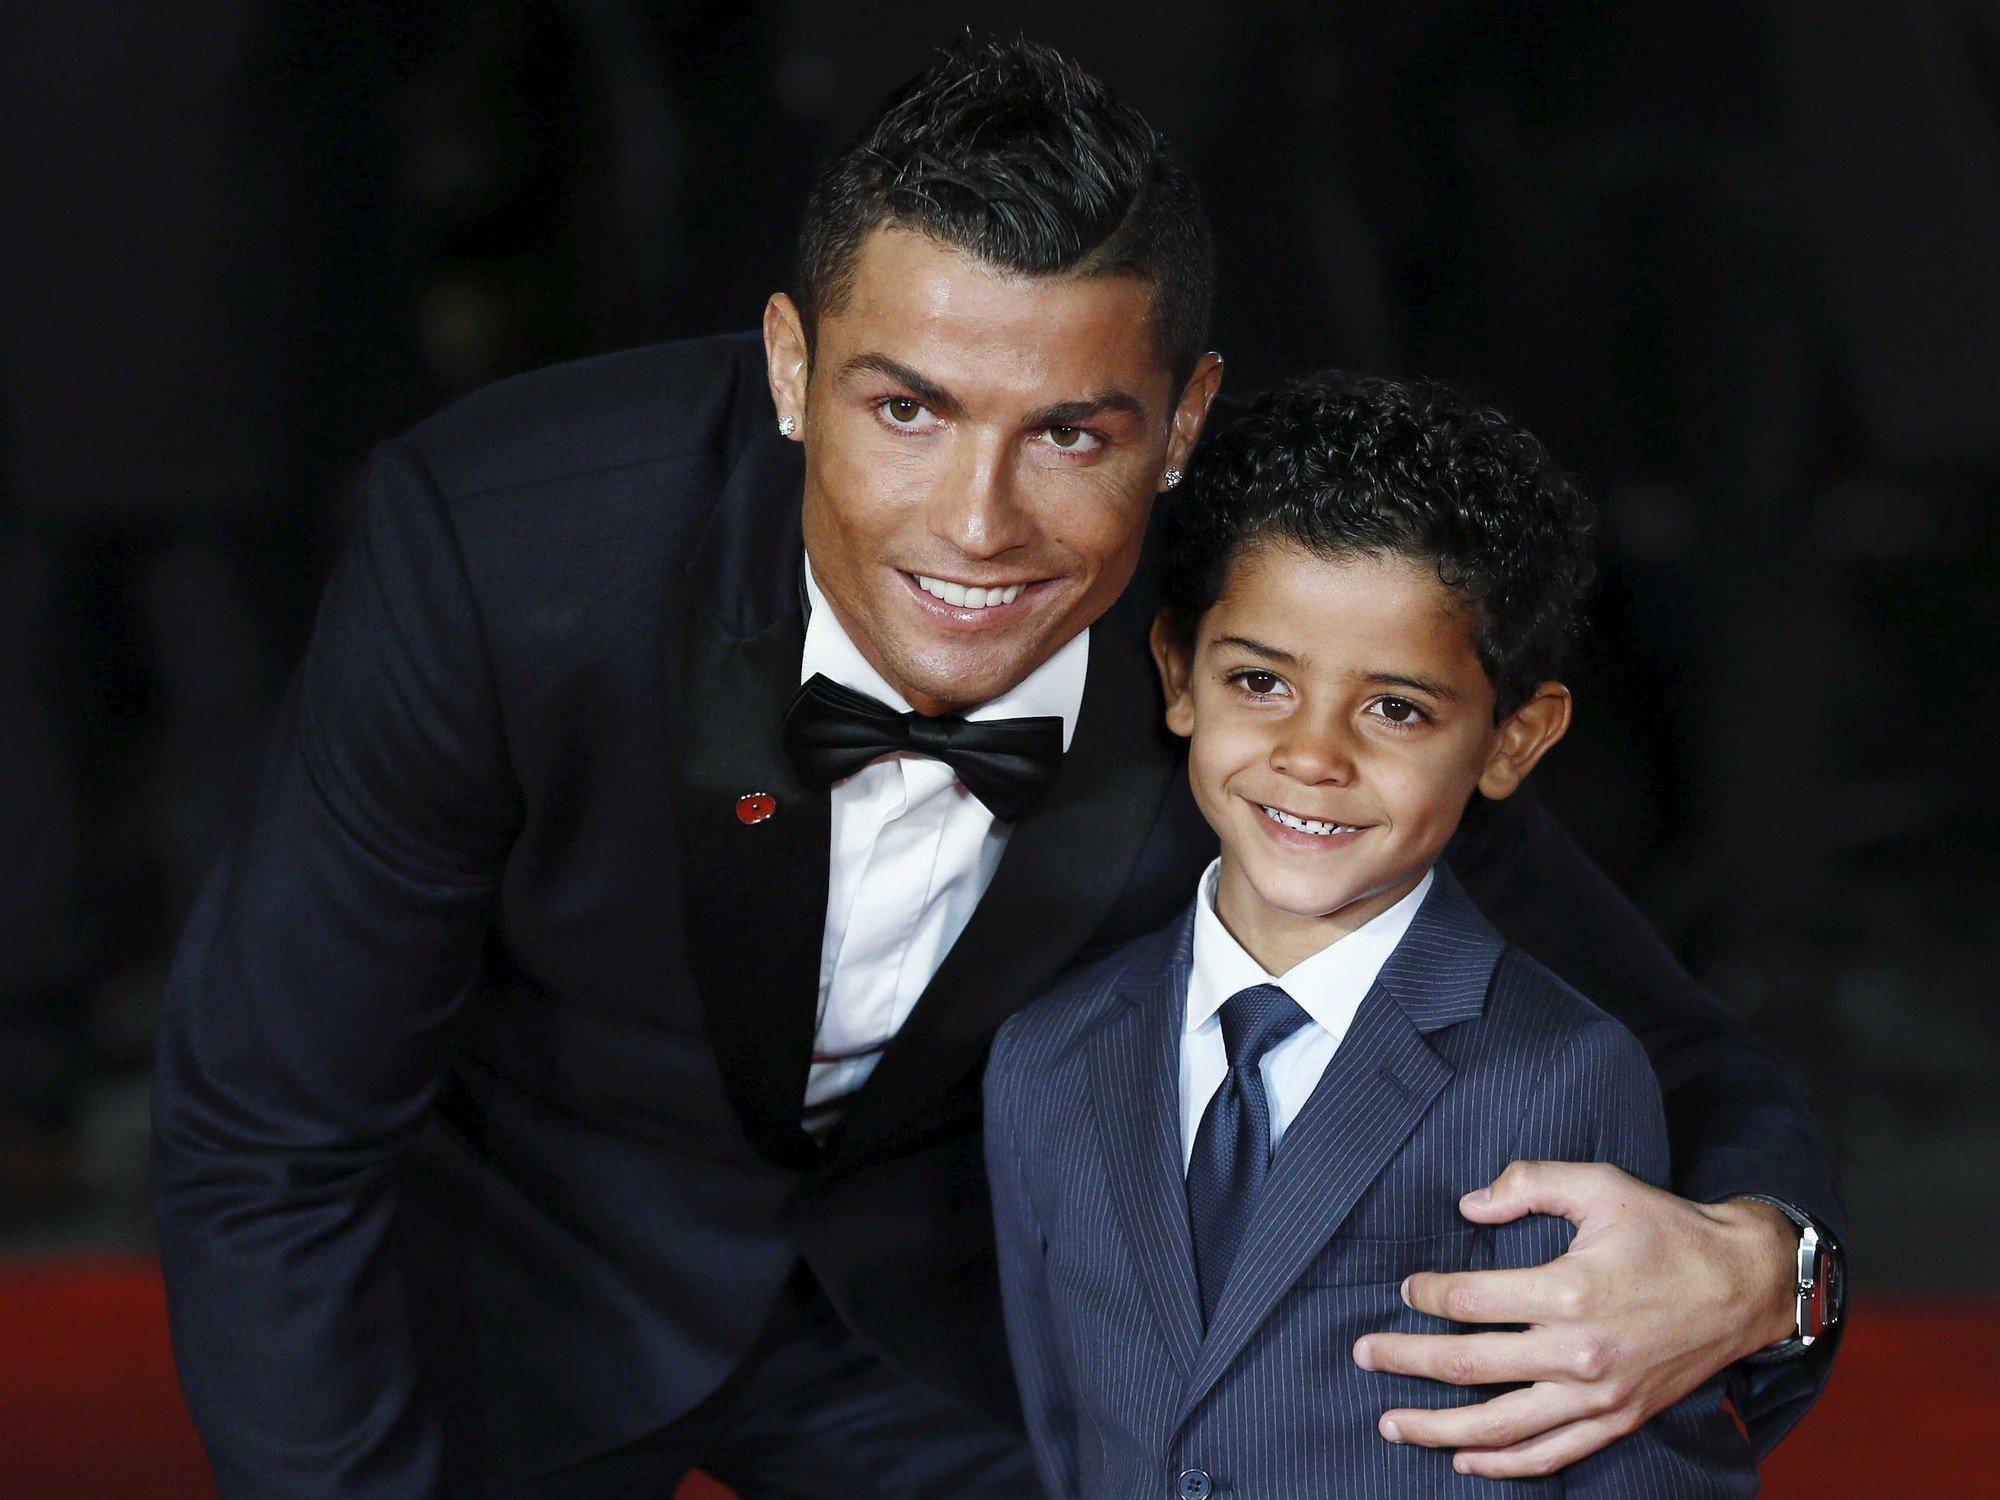 Cristiano Ronaldo, doi anh lieu co noi buon nao khong? hinh anh 6